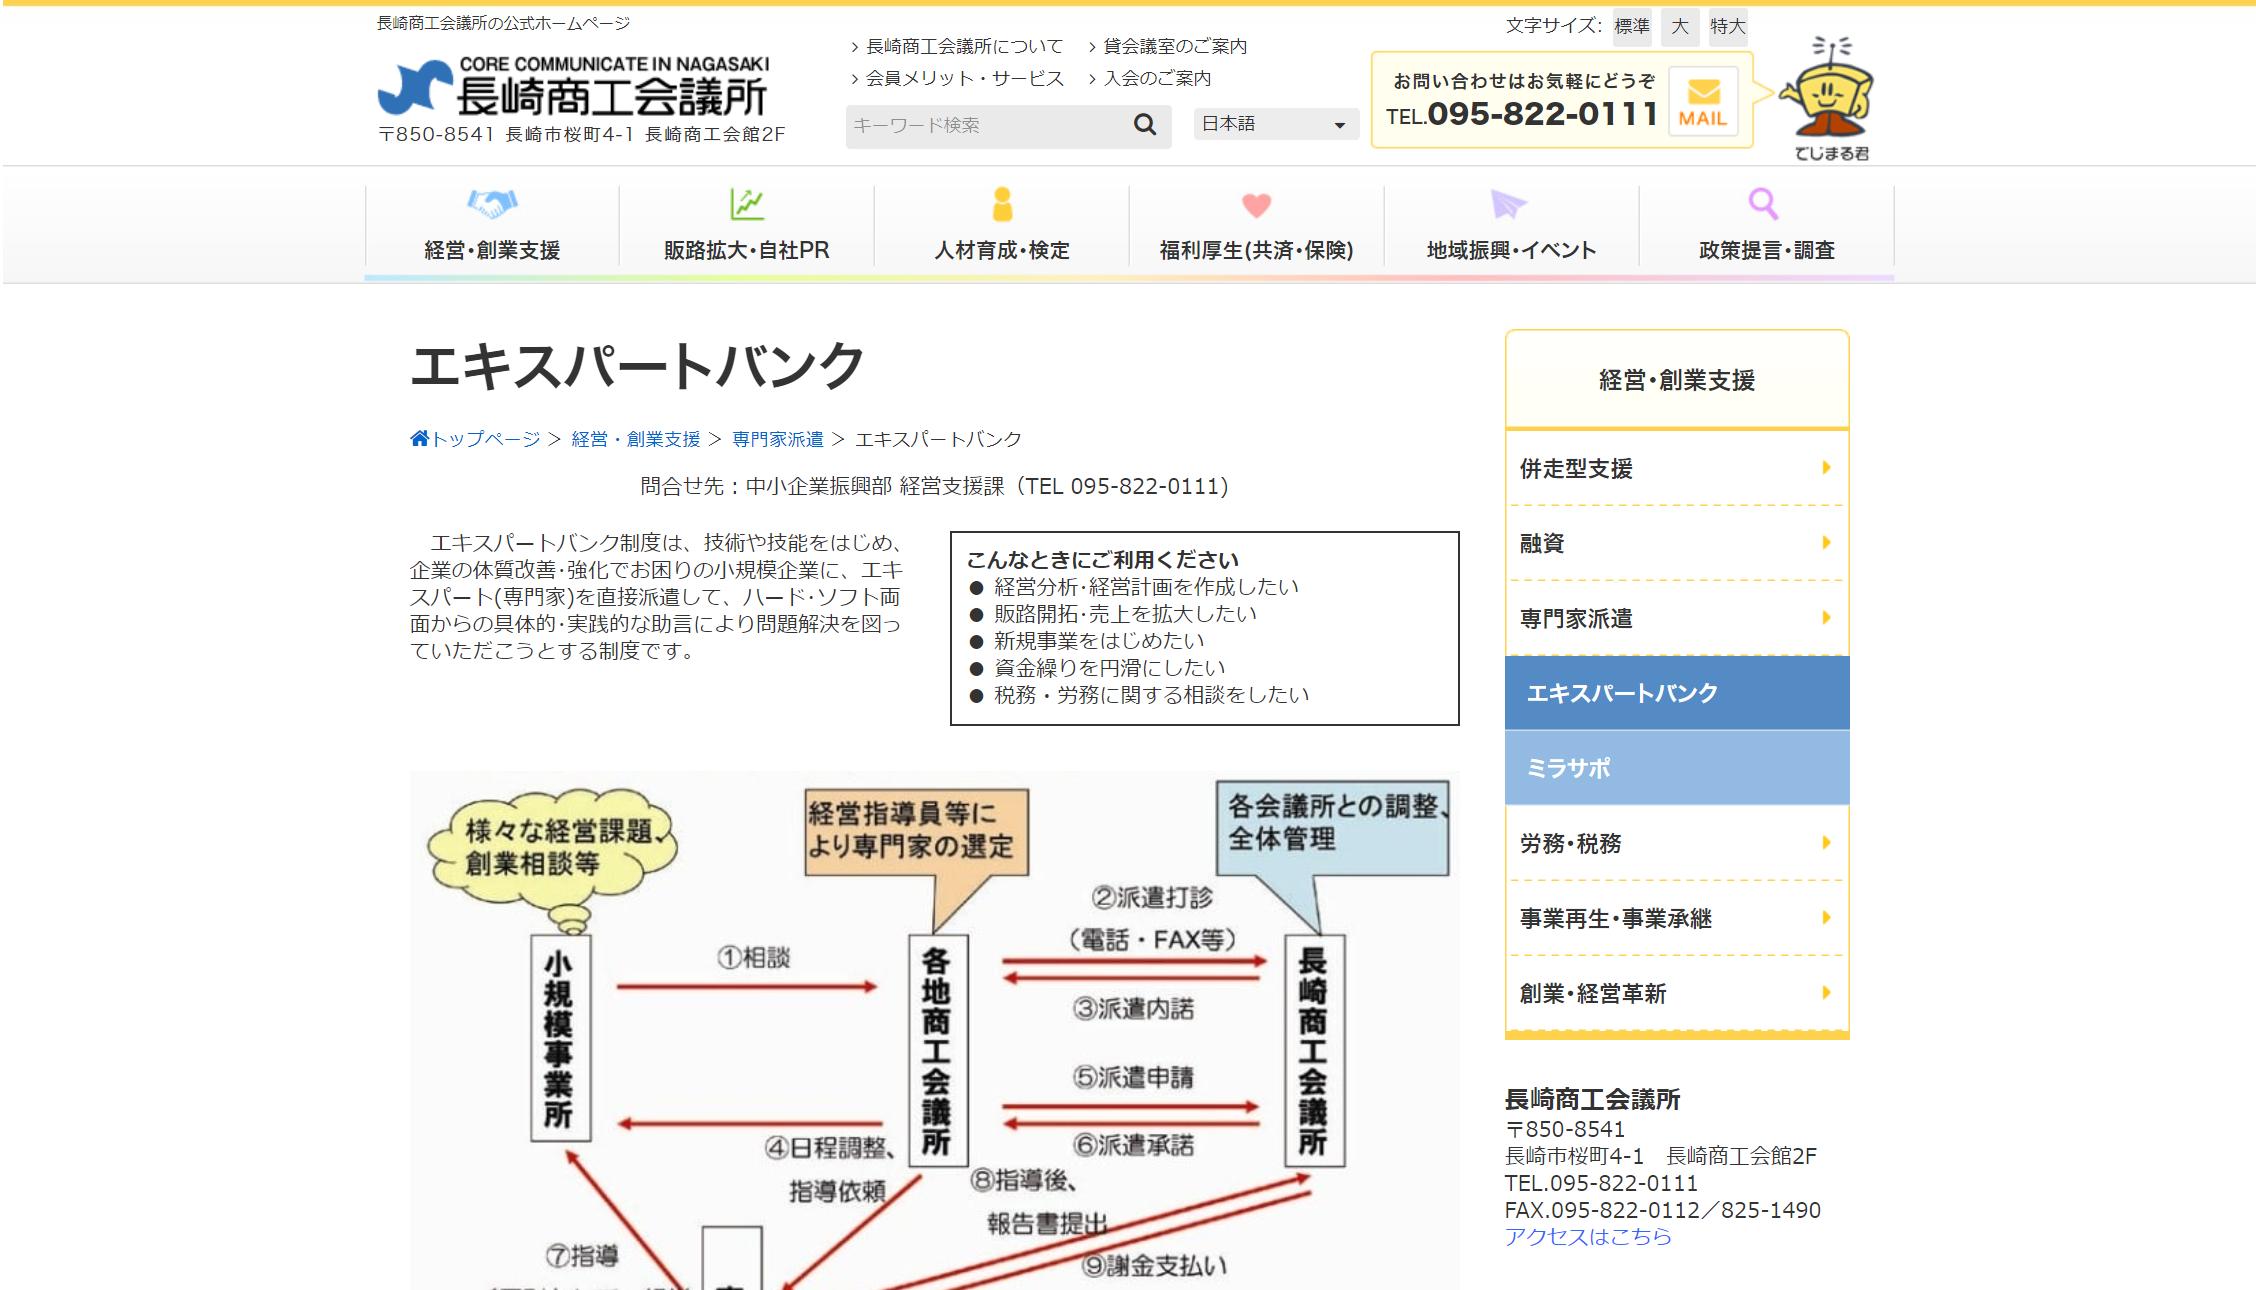 長崎エキスパートバンク専門家登録者